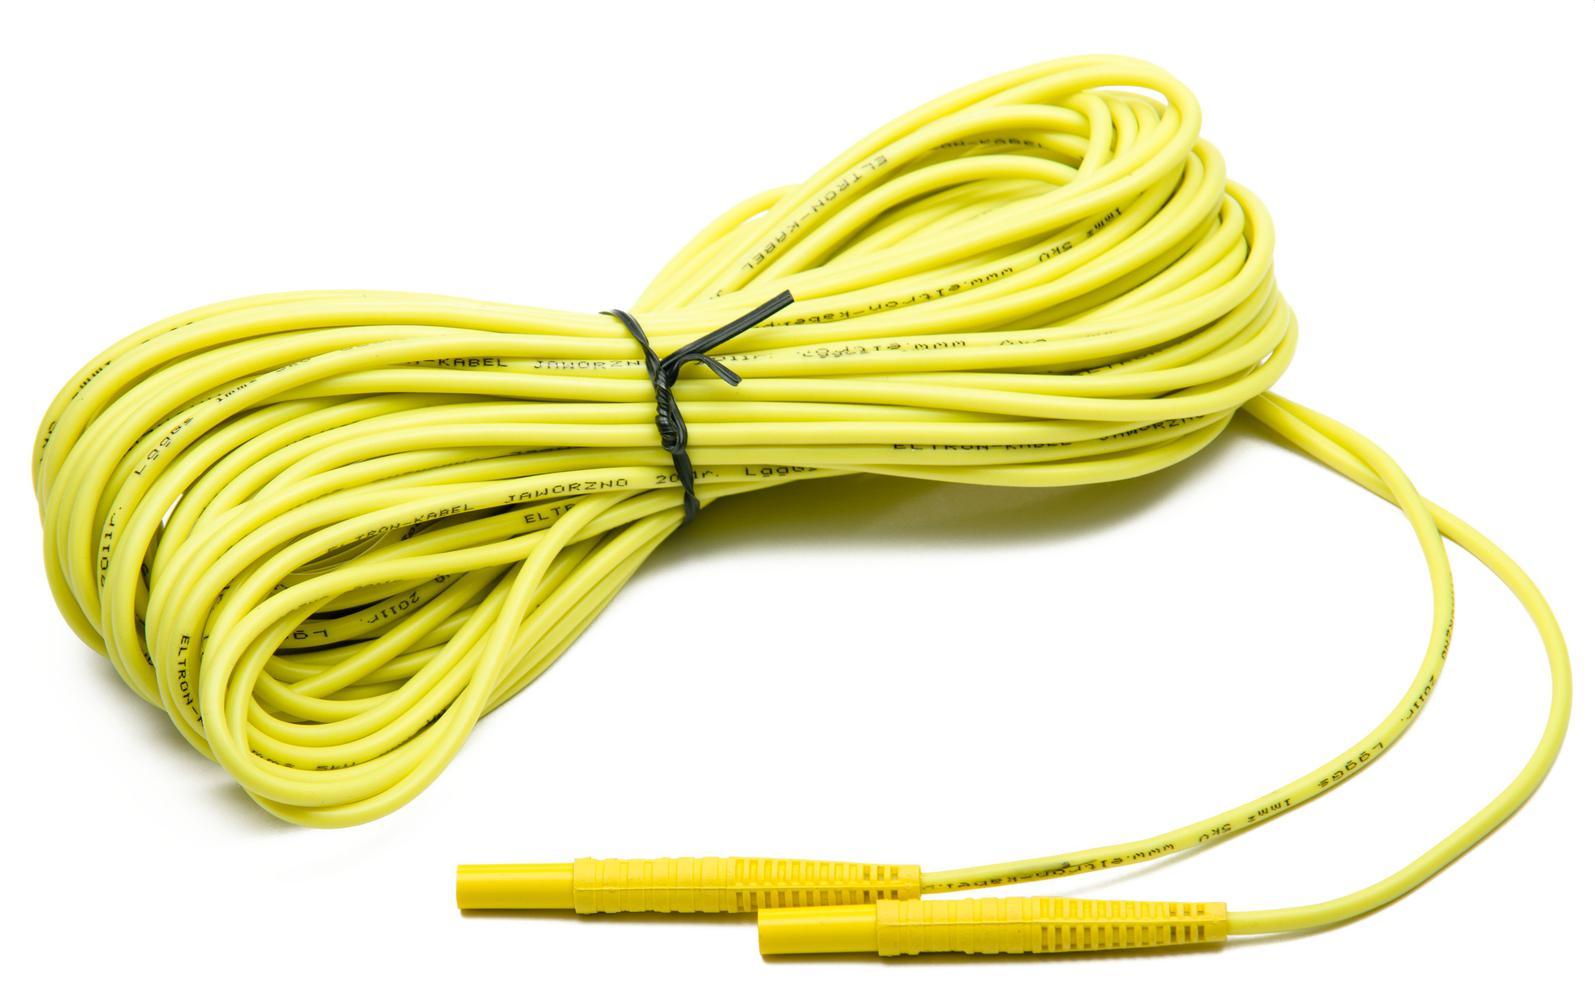 Przewód 20 m żółty 1 kV (wtyki bananowe)